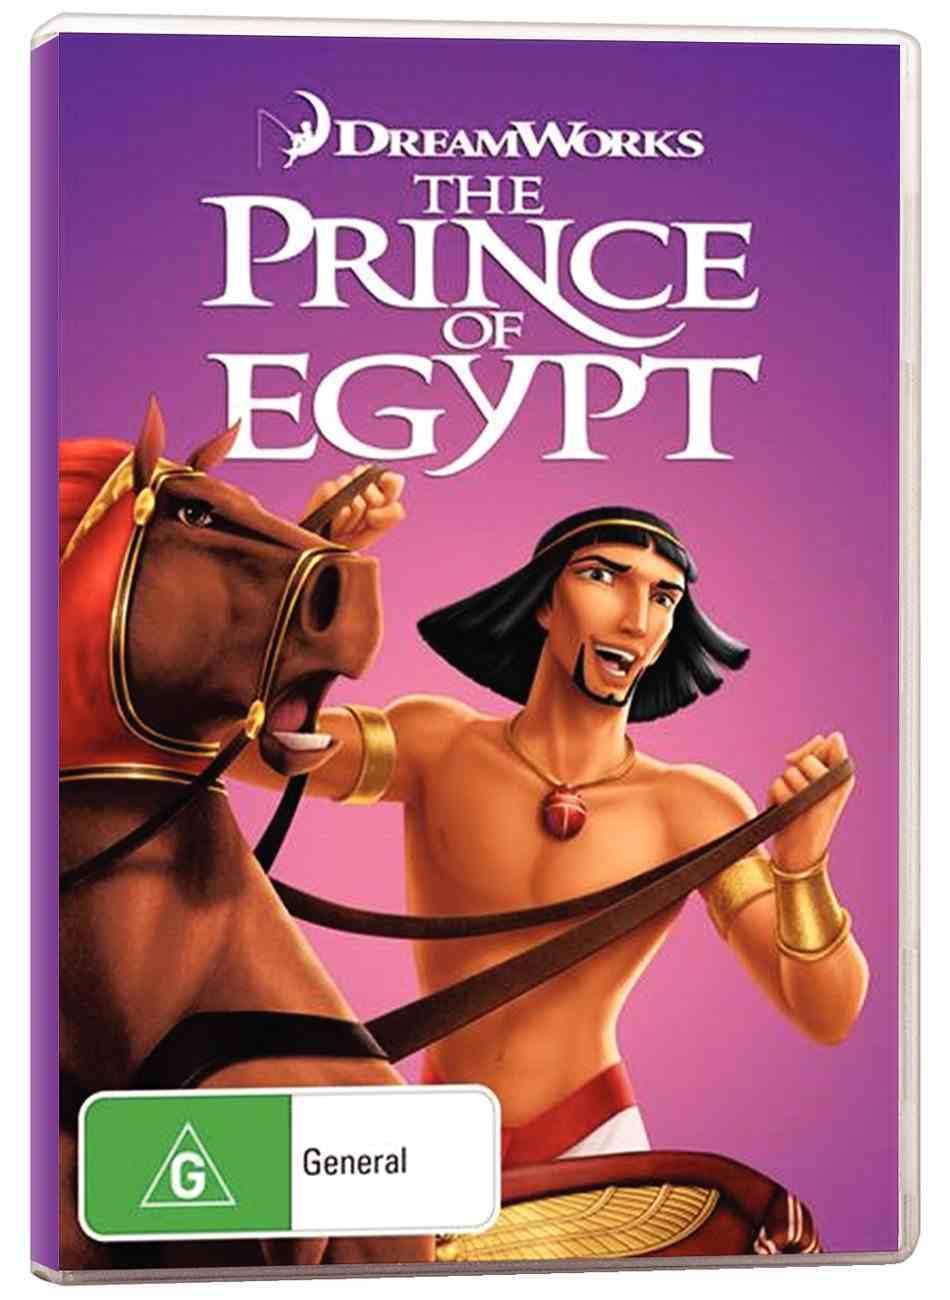 Prince of Egypt (1998) DVD